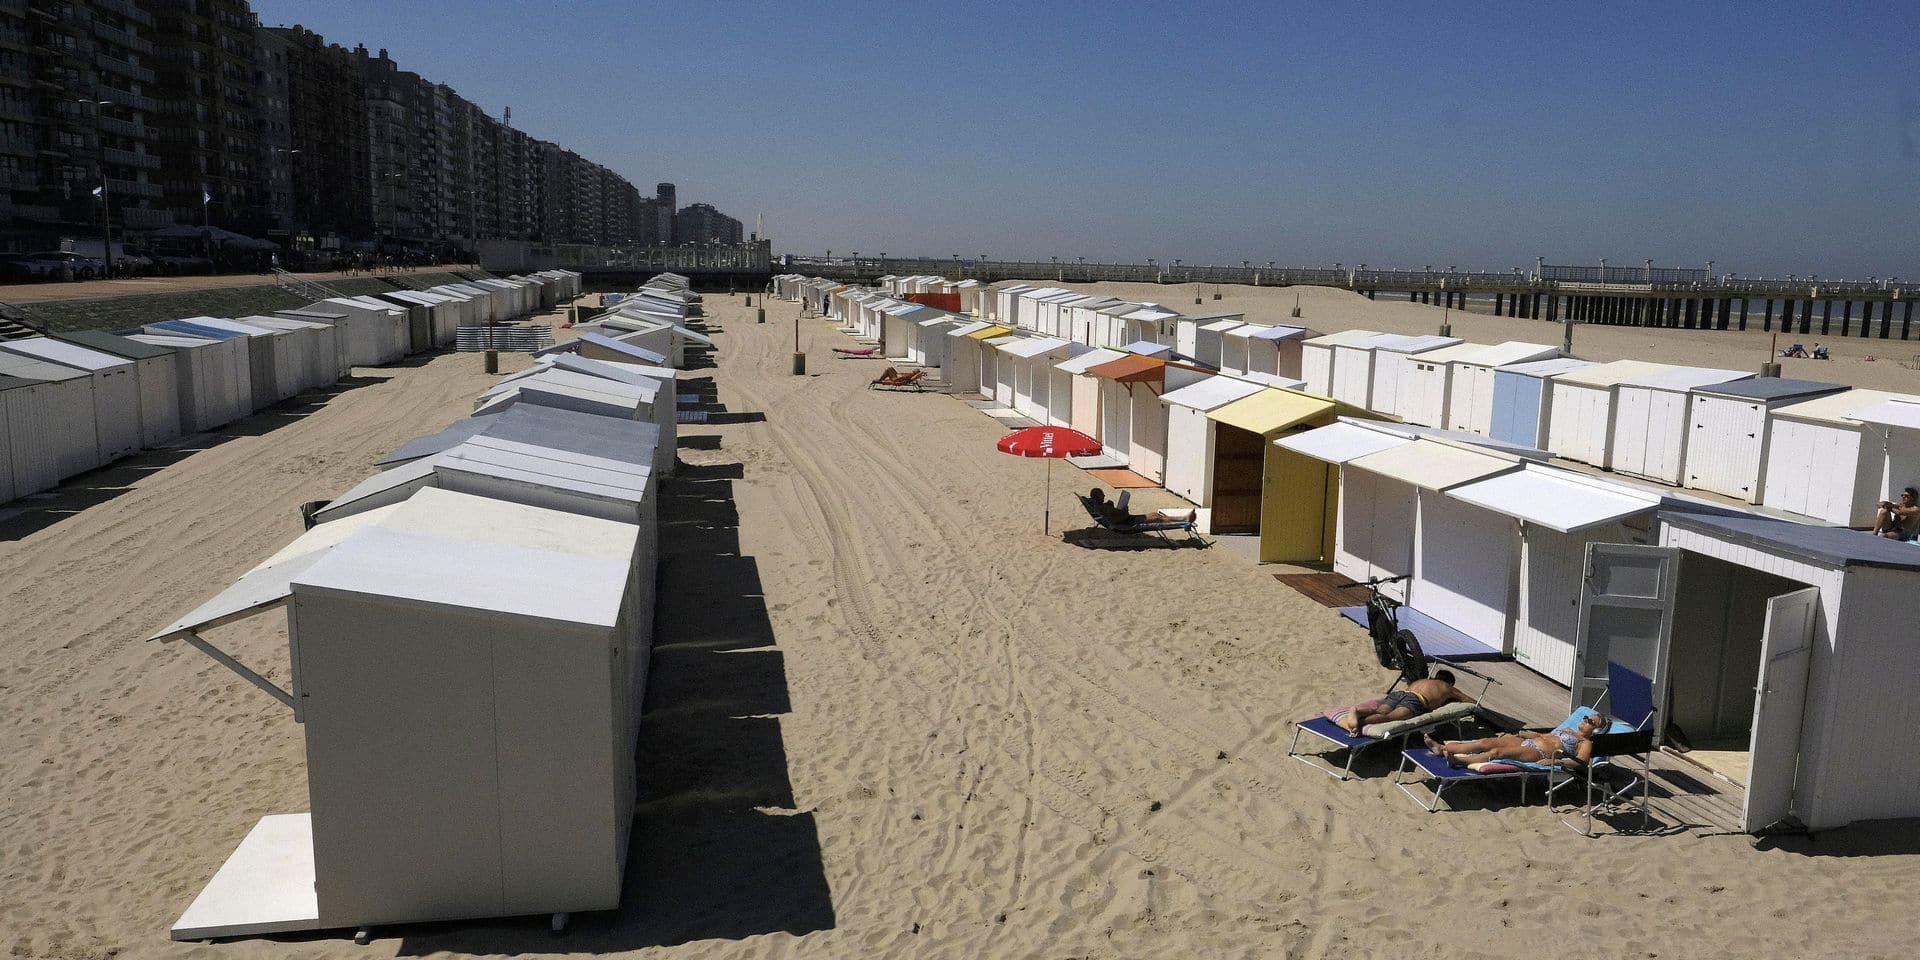 Les cabines de plage, le bon plan de l'été mais... gare au budget !